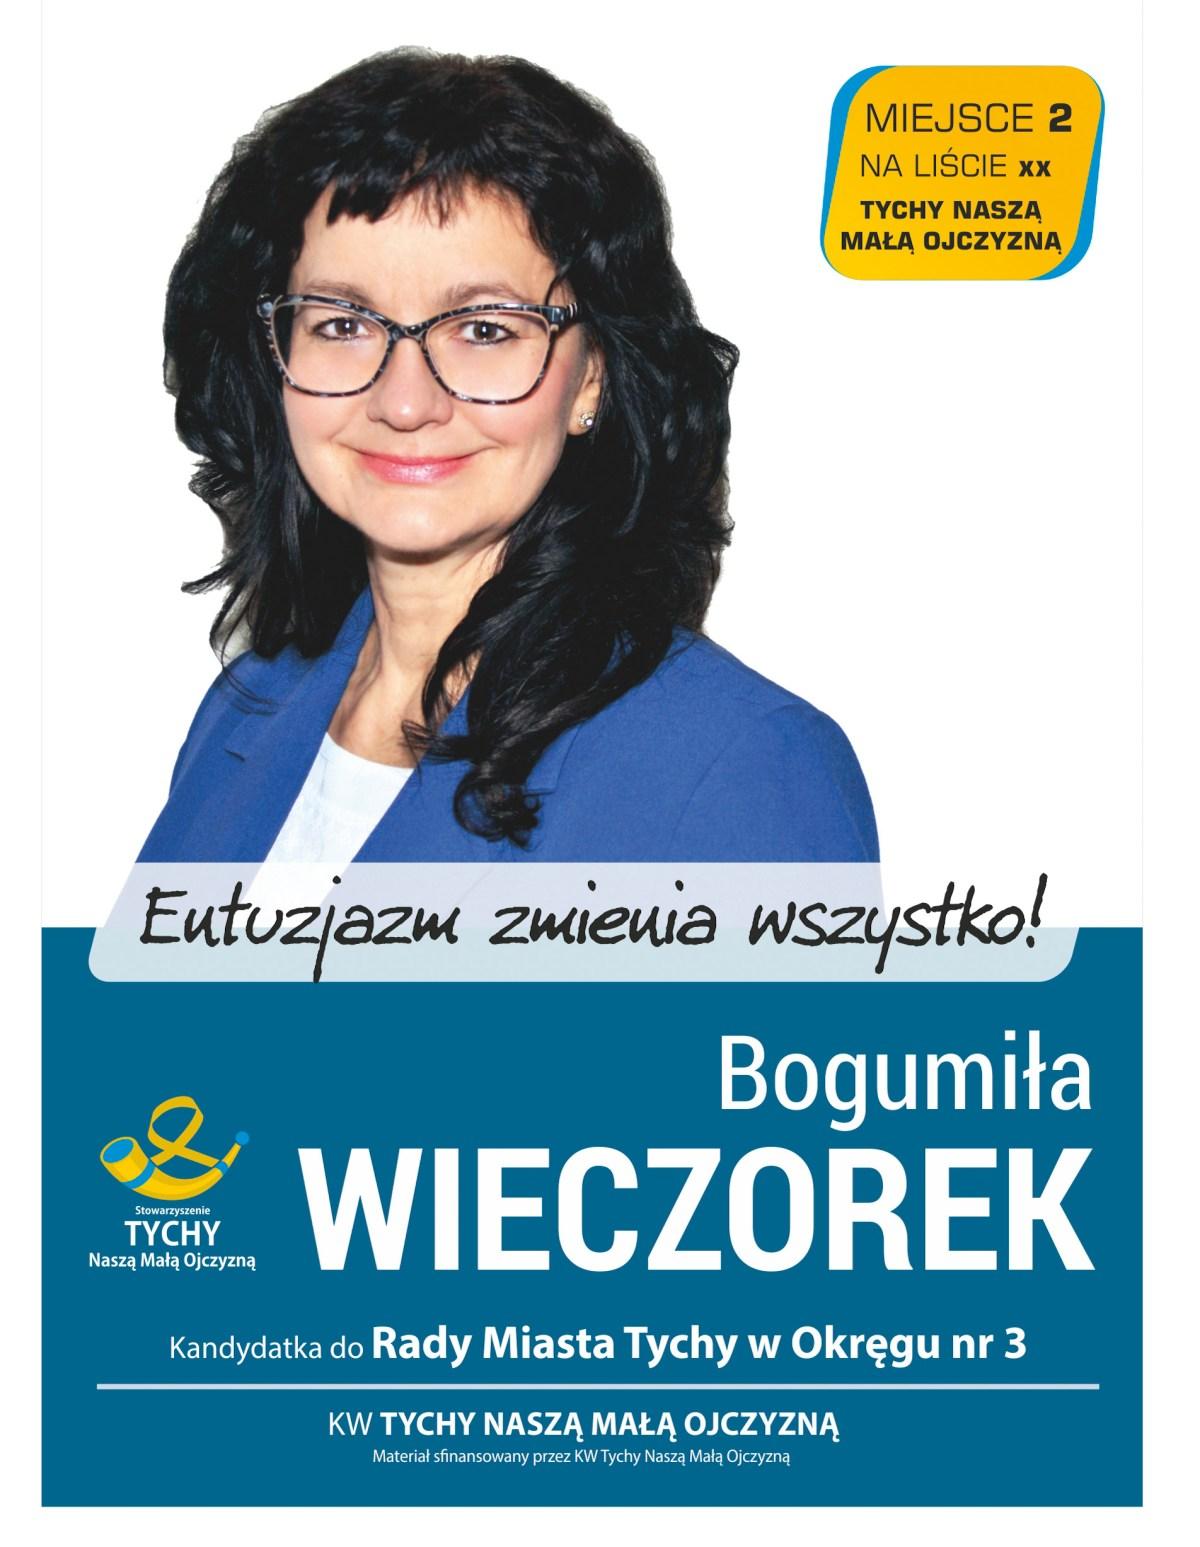 Bogumiła Wieczorek - kandydatka do Rady Miasta Tychy